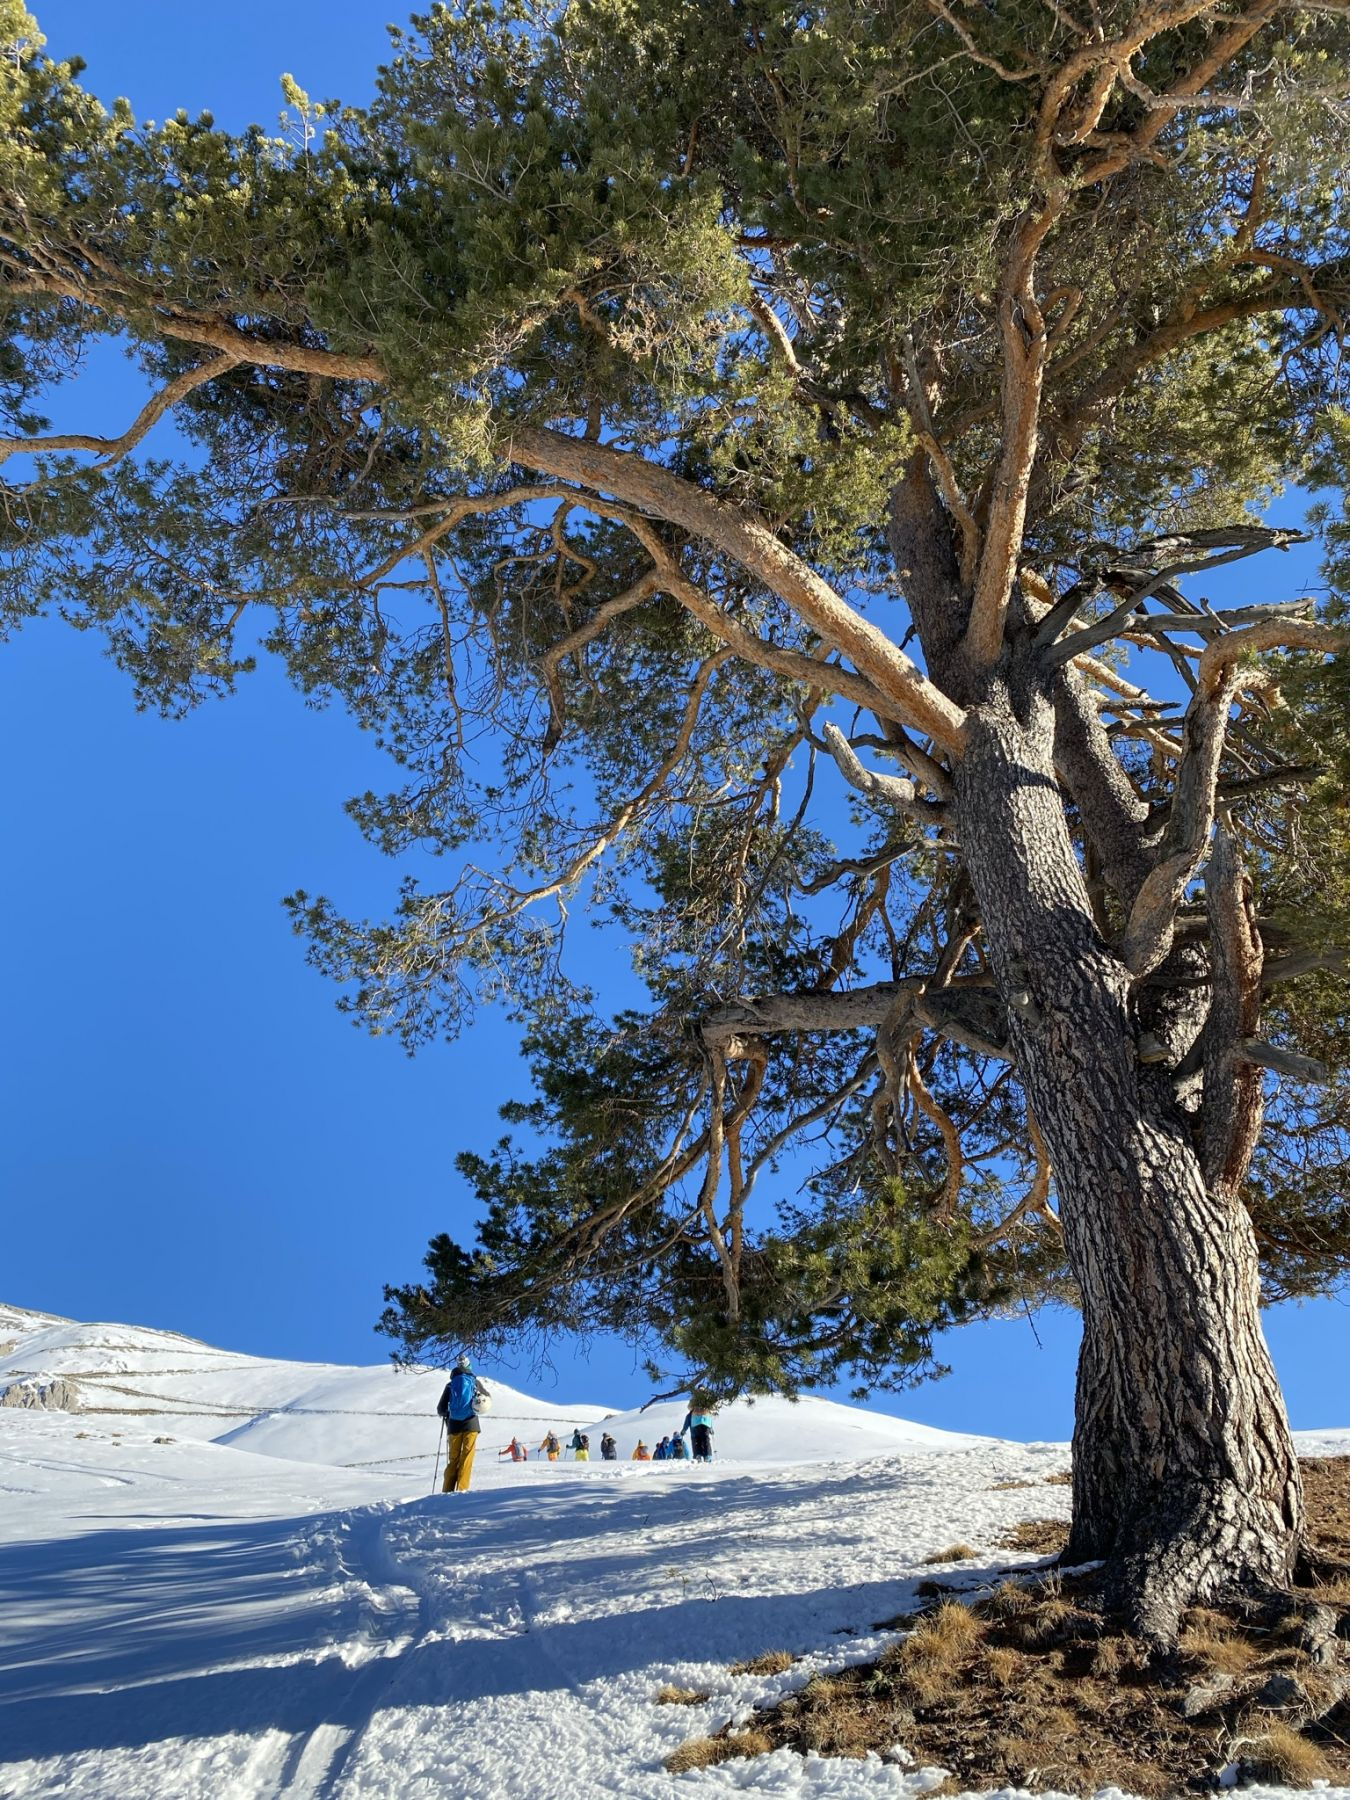 Ски-тур в Архызе